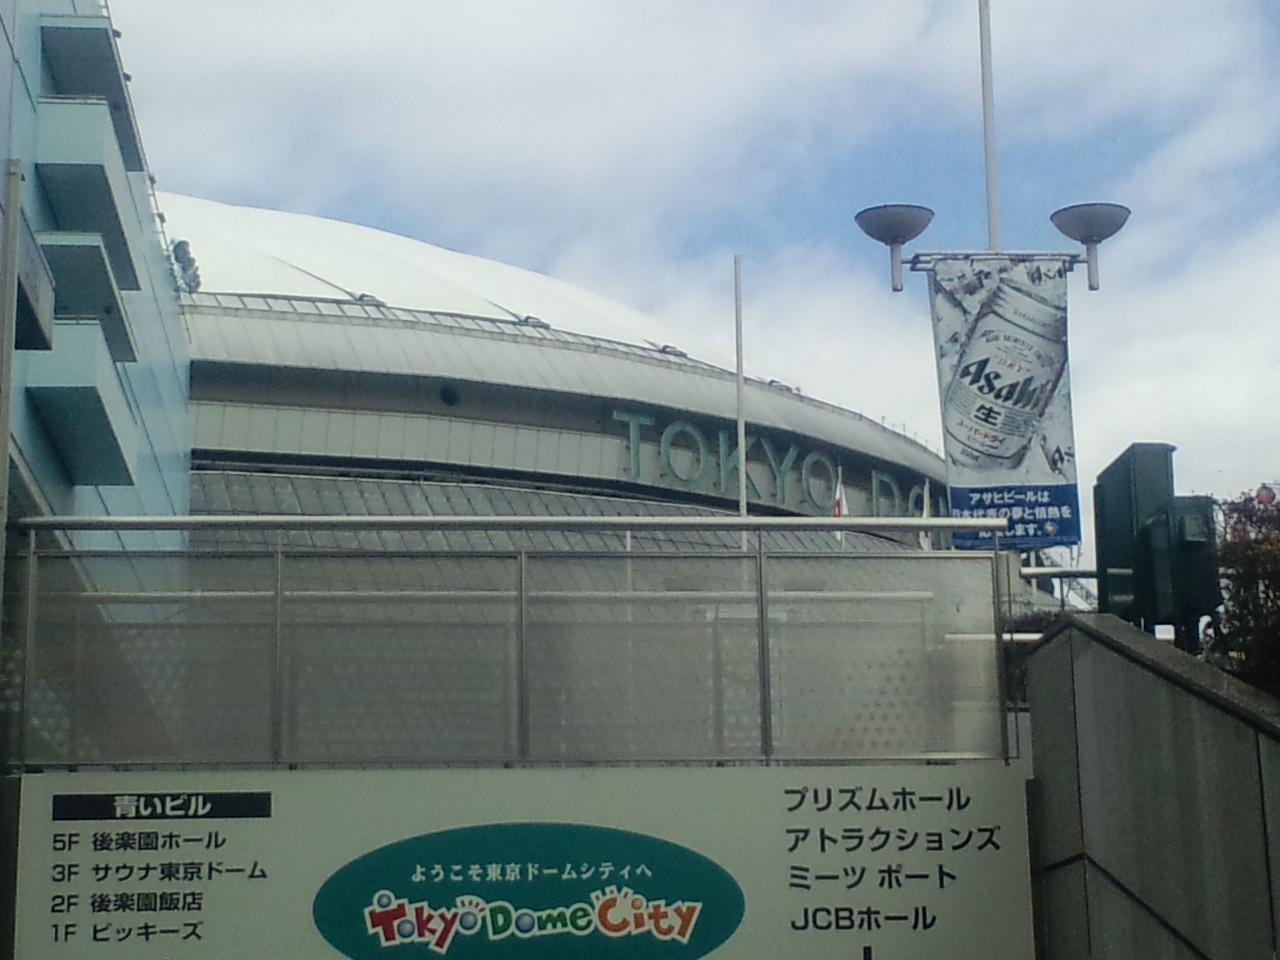 東京ドームに着きました!